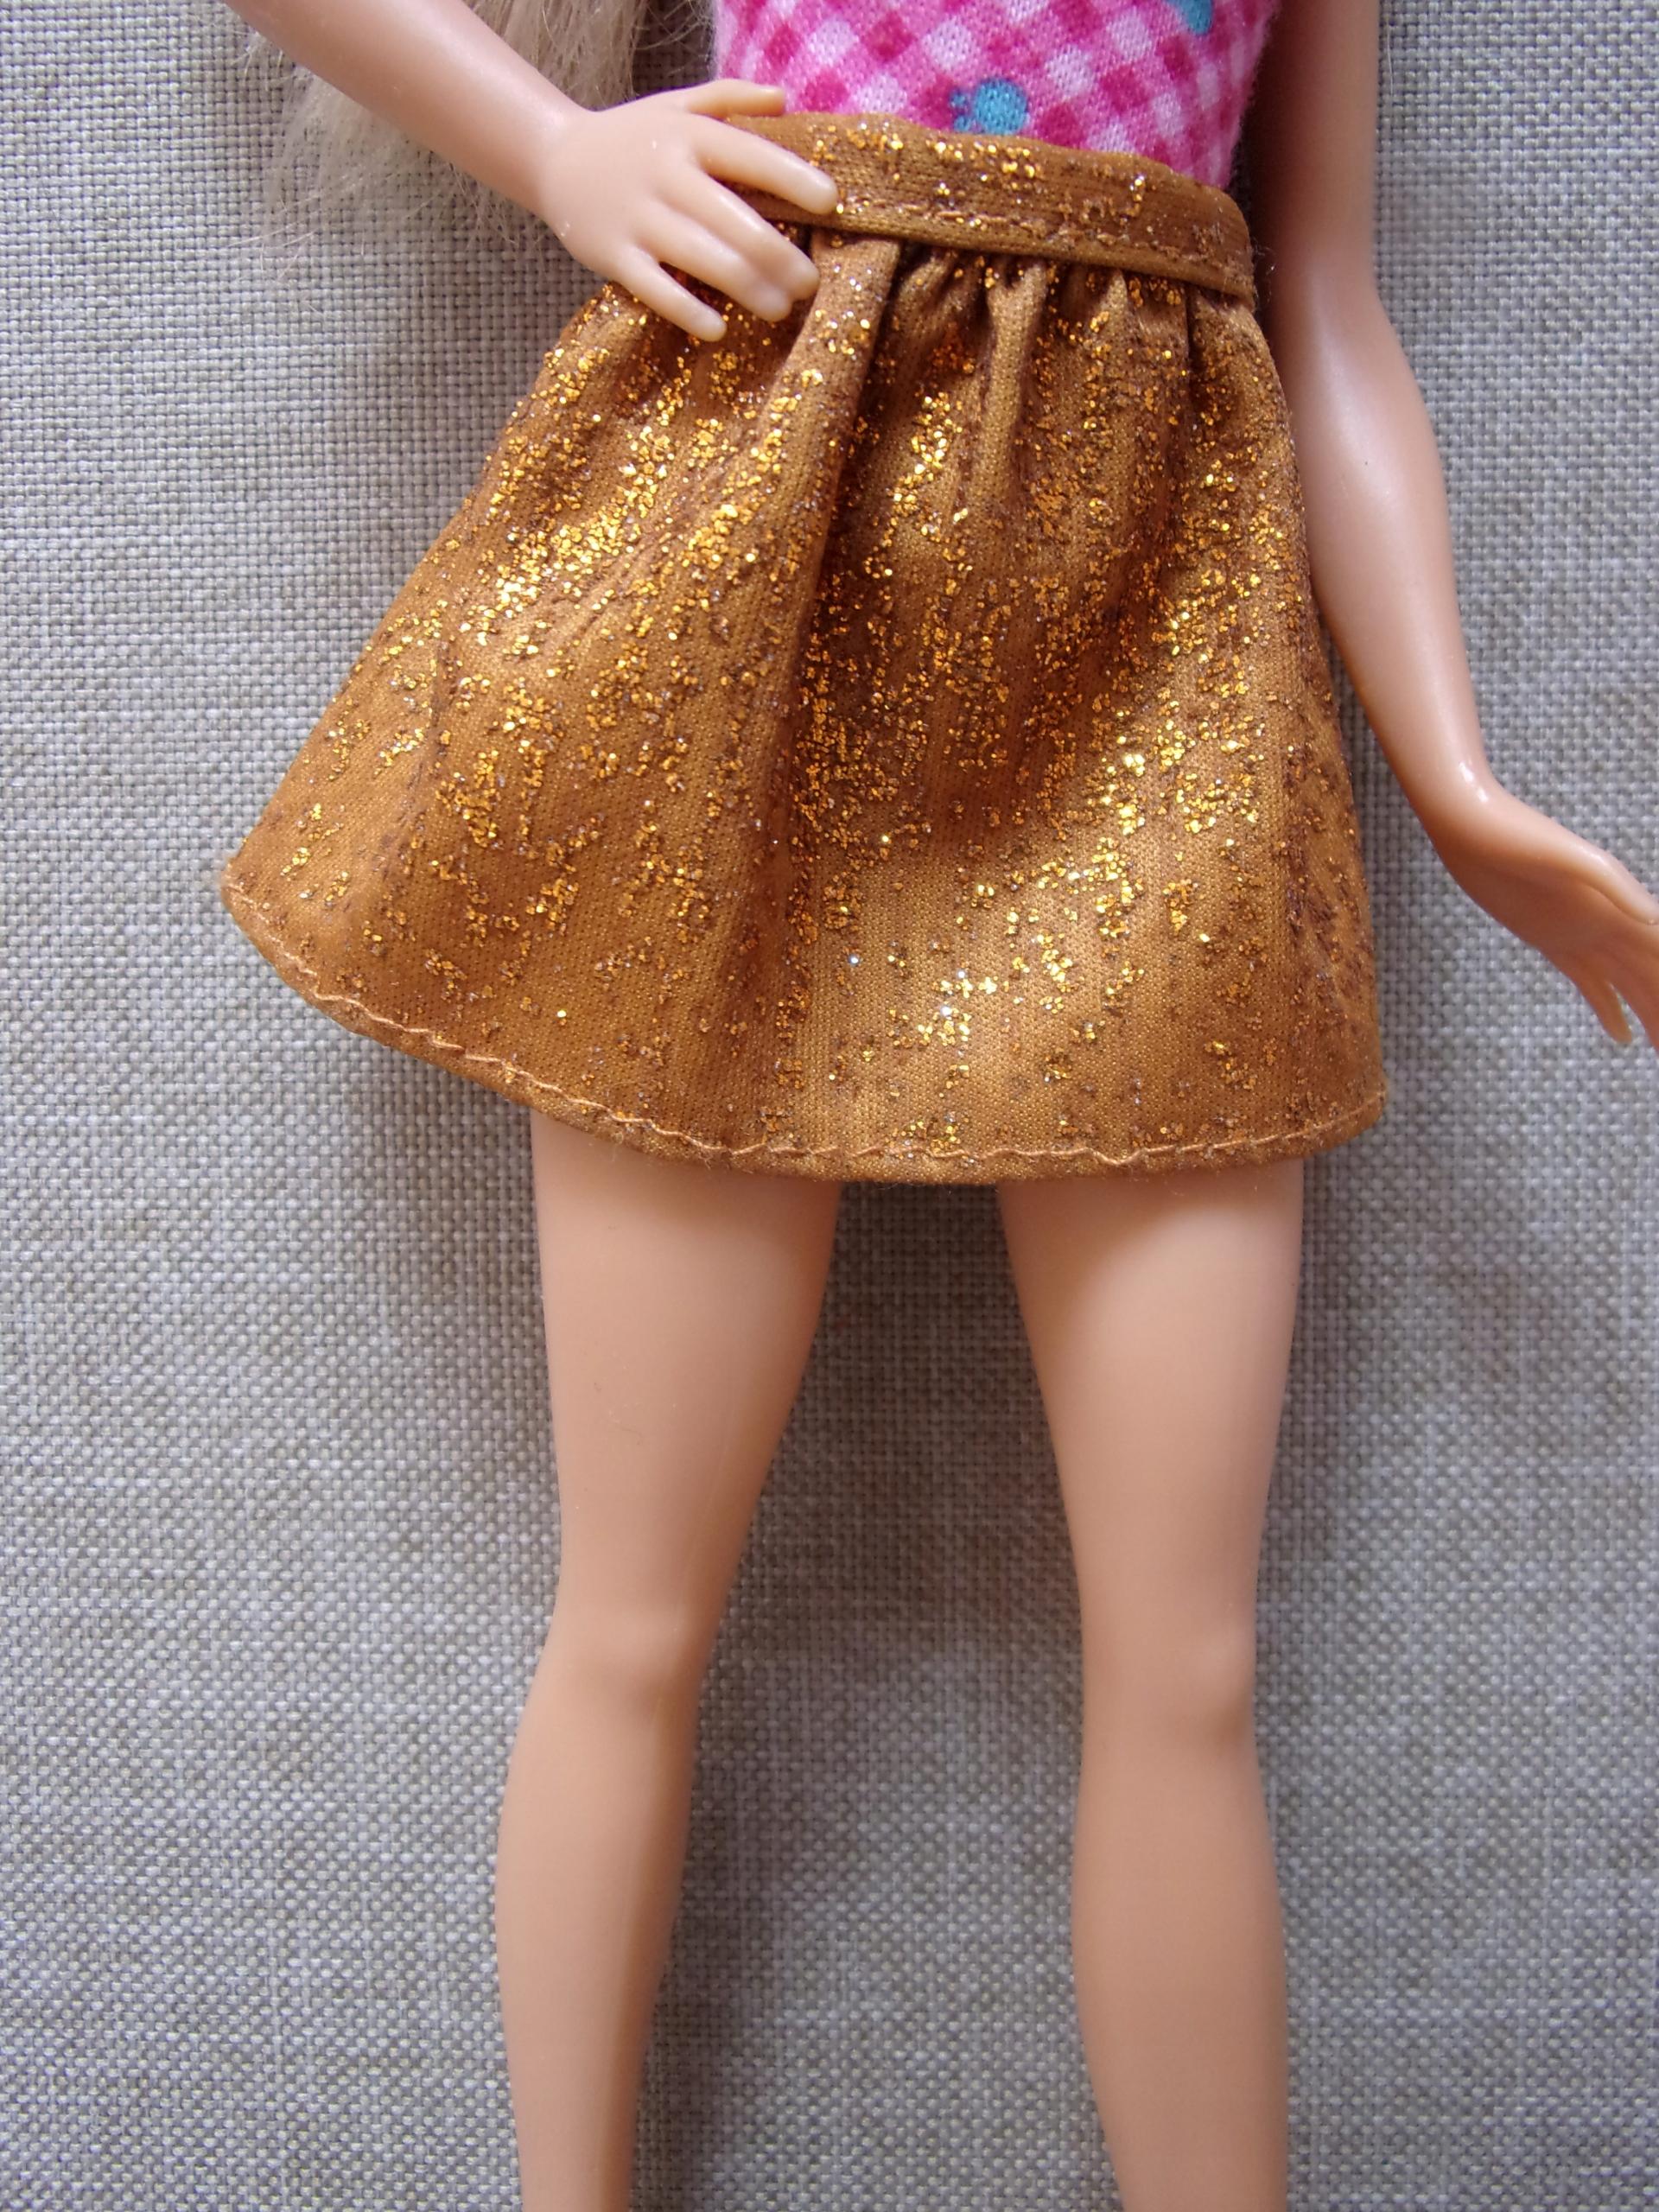 Złota spodniczka Fashionistas lalki Barbie